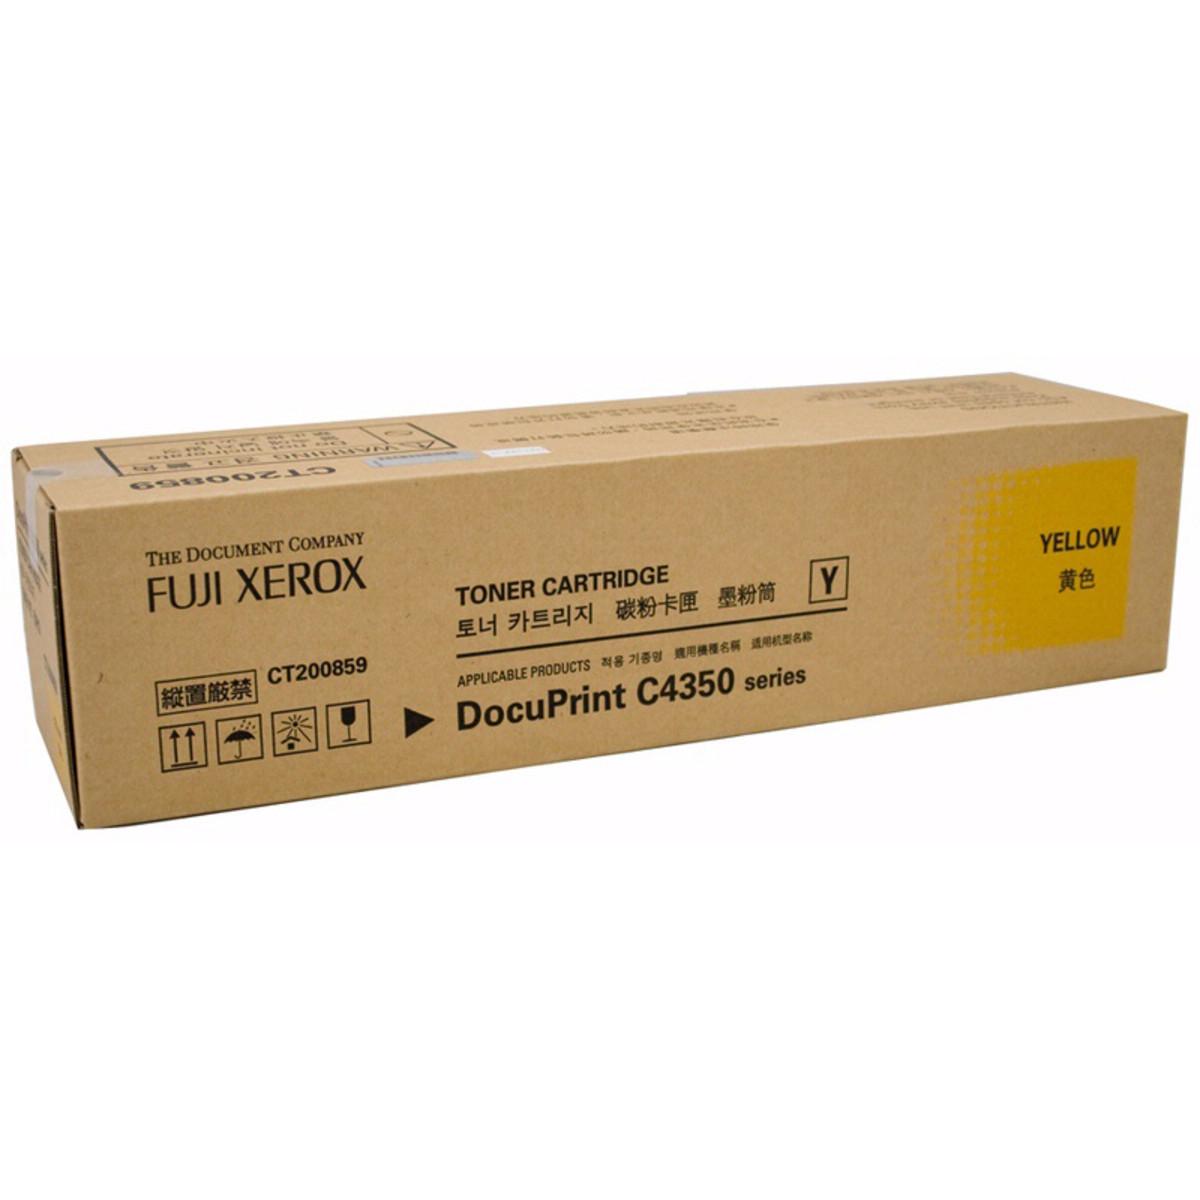 Xerox CT200859 Yellow Toner Cartridge